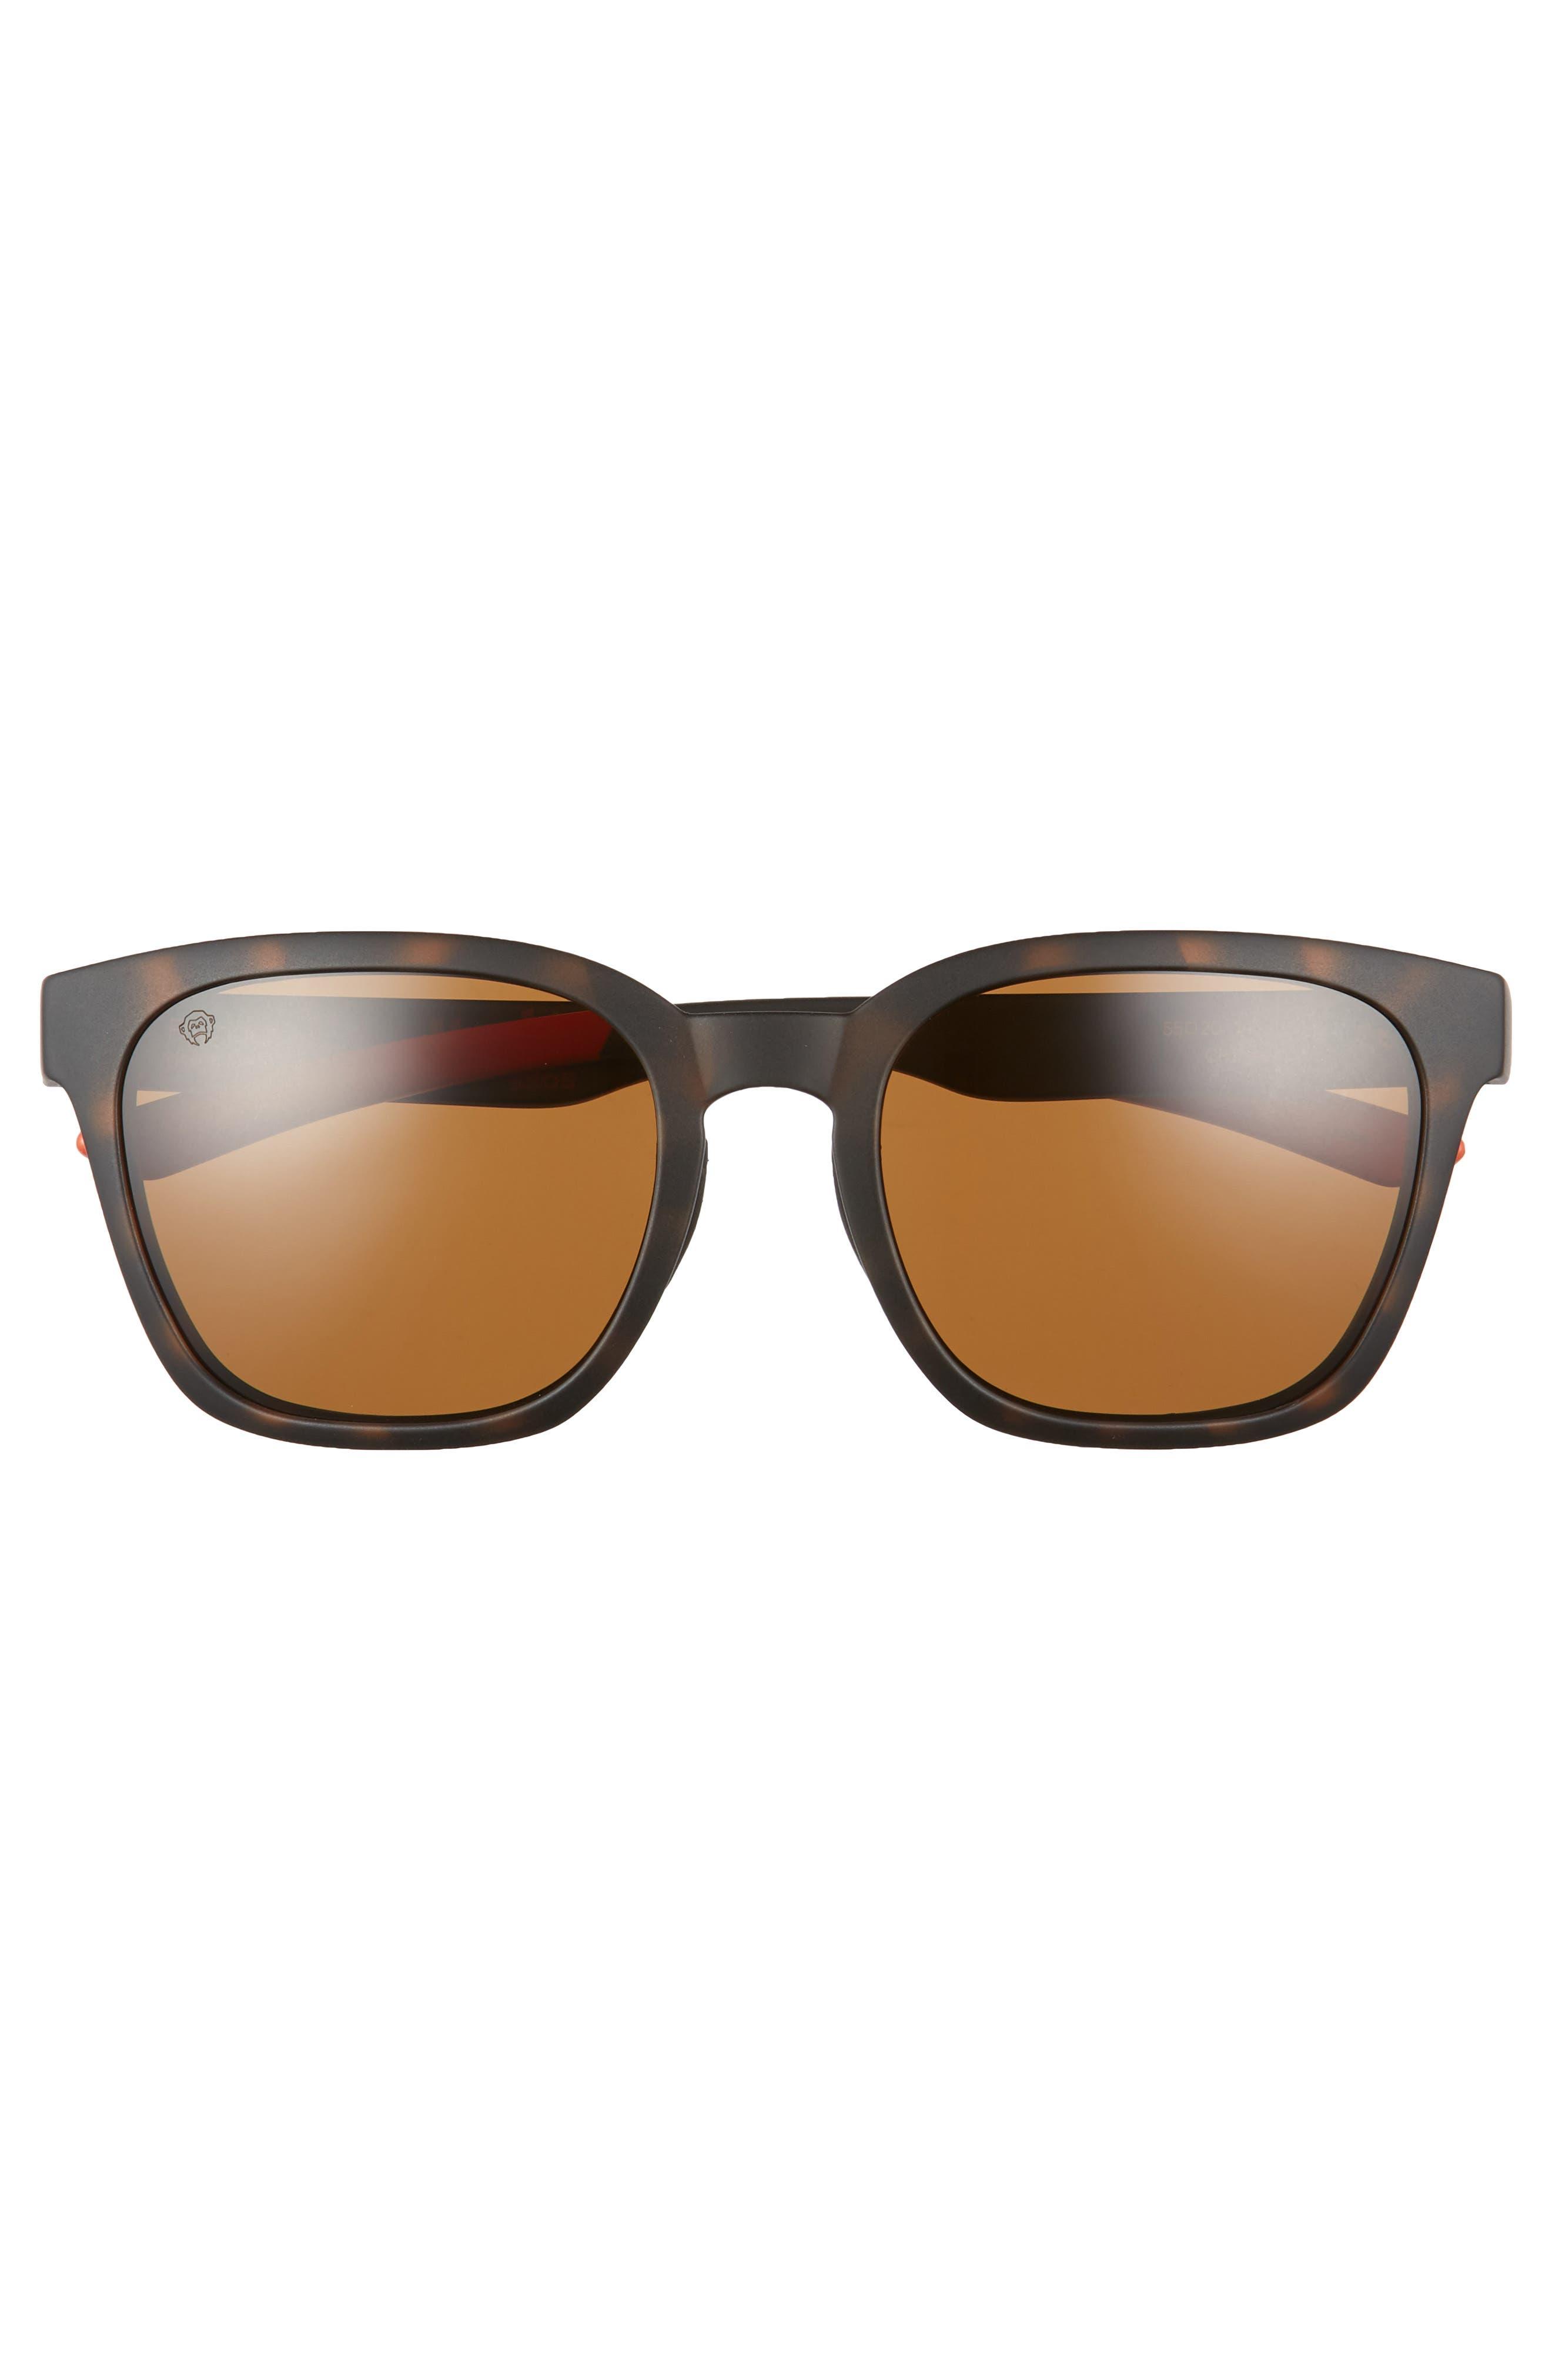 Founder 56mm ChromaPop Polarized Sunglasses,                             Alternate thumbnail 3, color,                             Howler Matte Tortoise